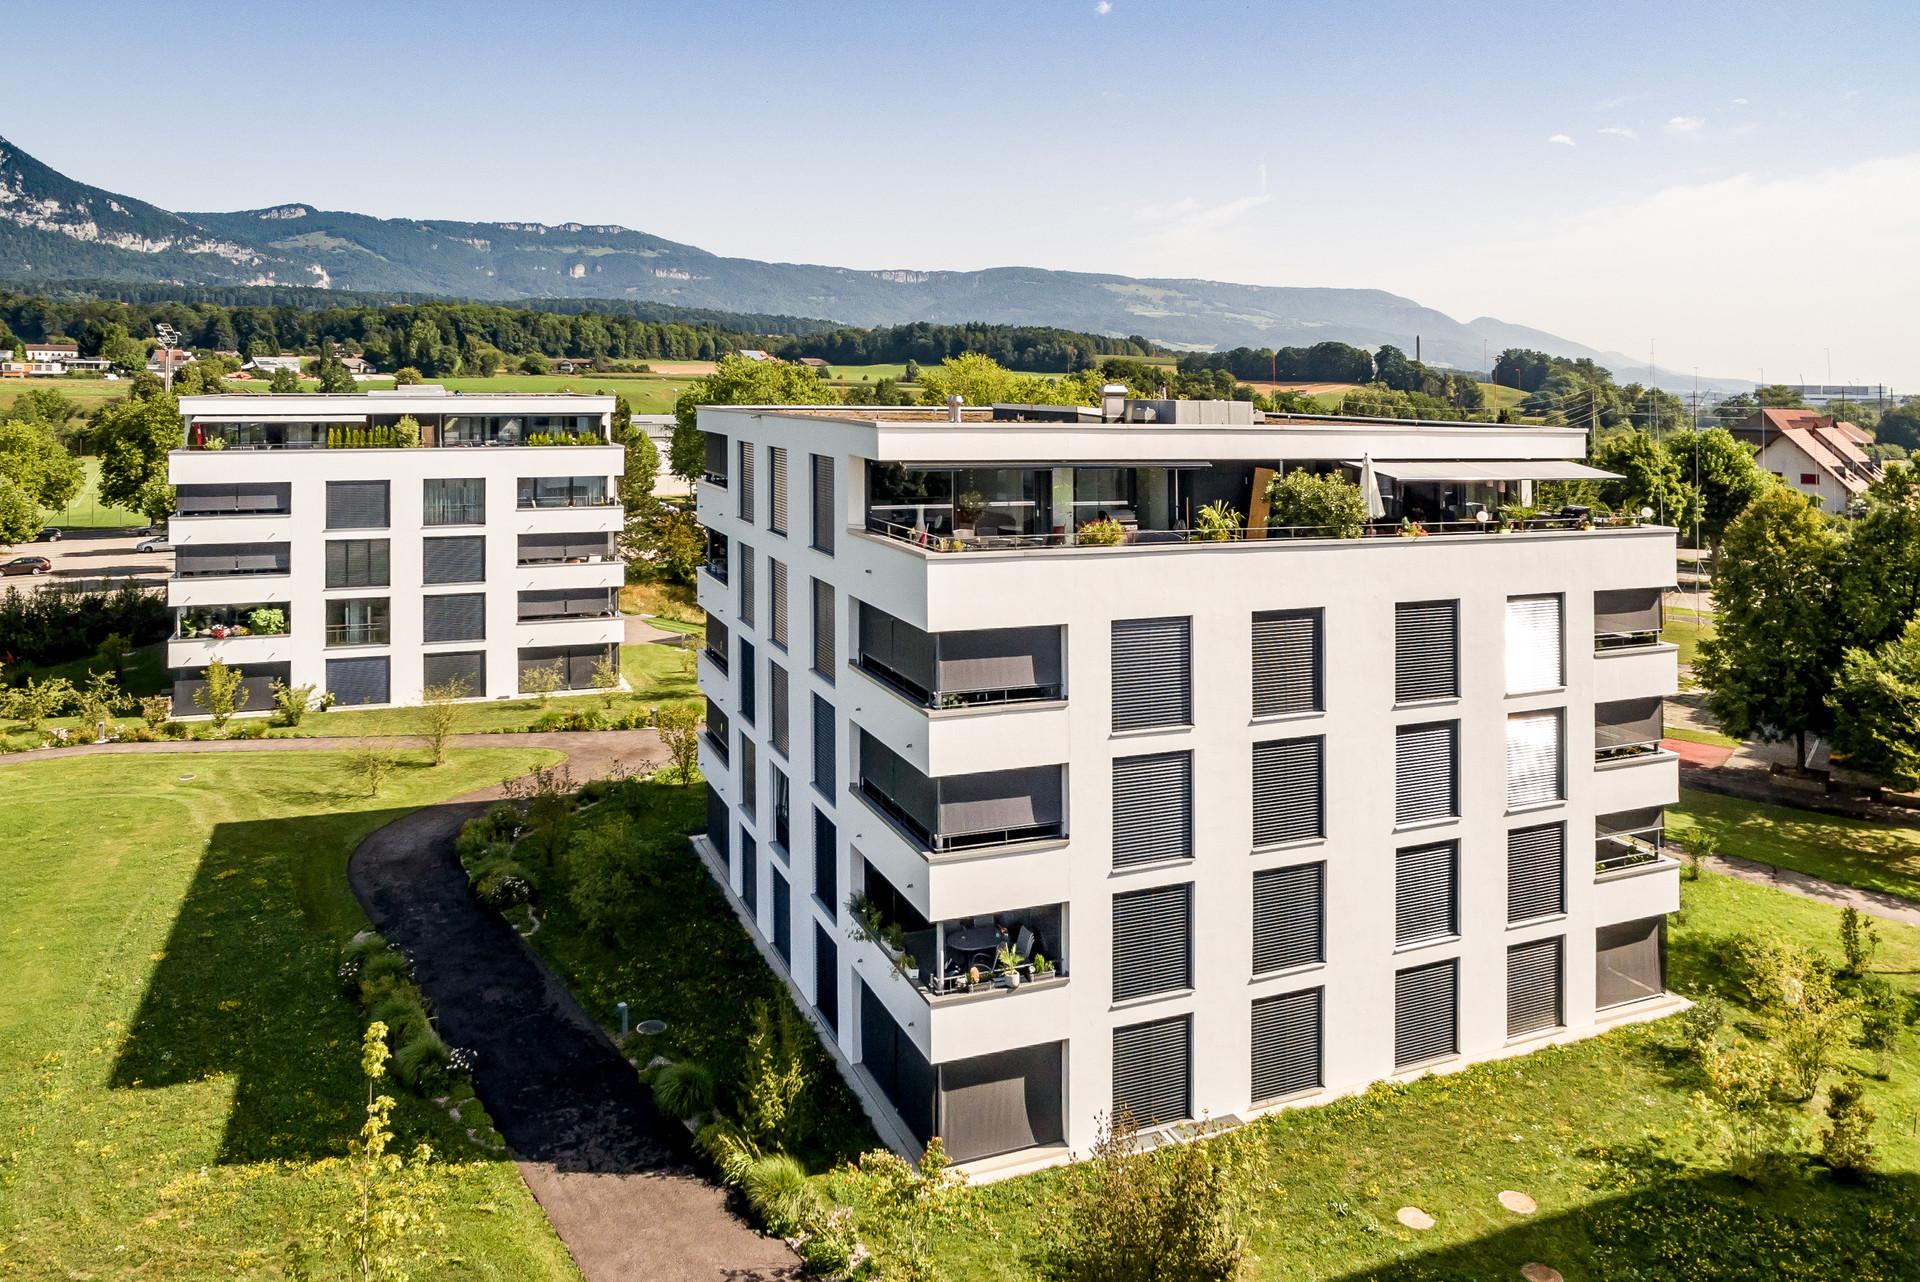 Architekturfotografie; Luftaufnahmen; Drohnenbilder